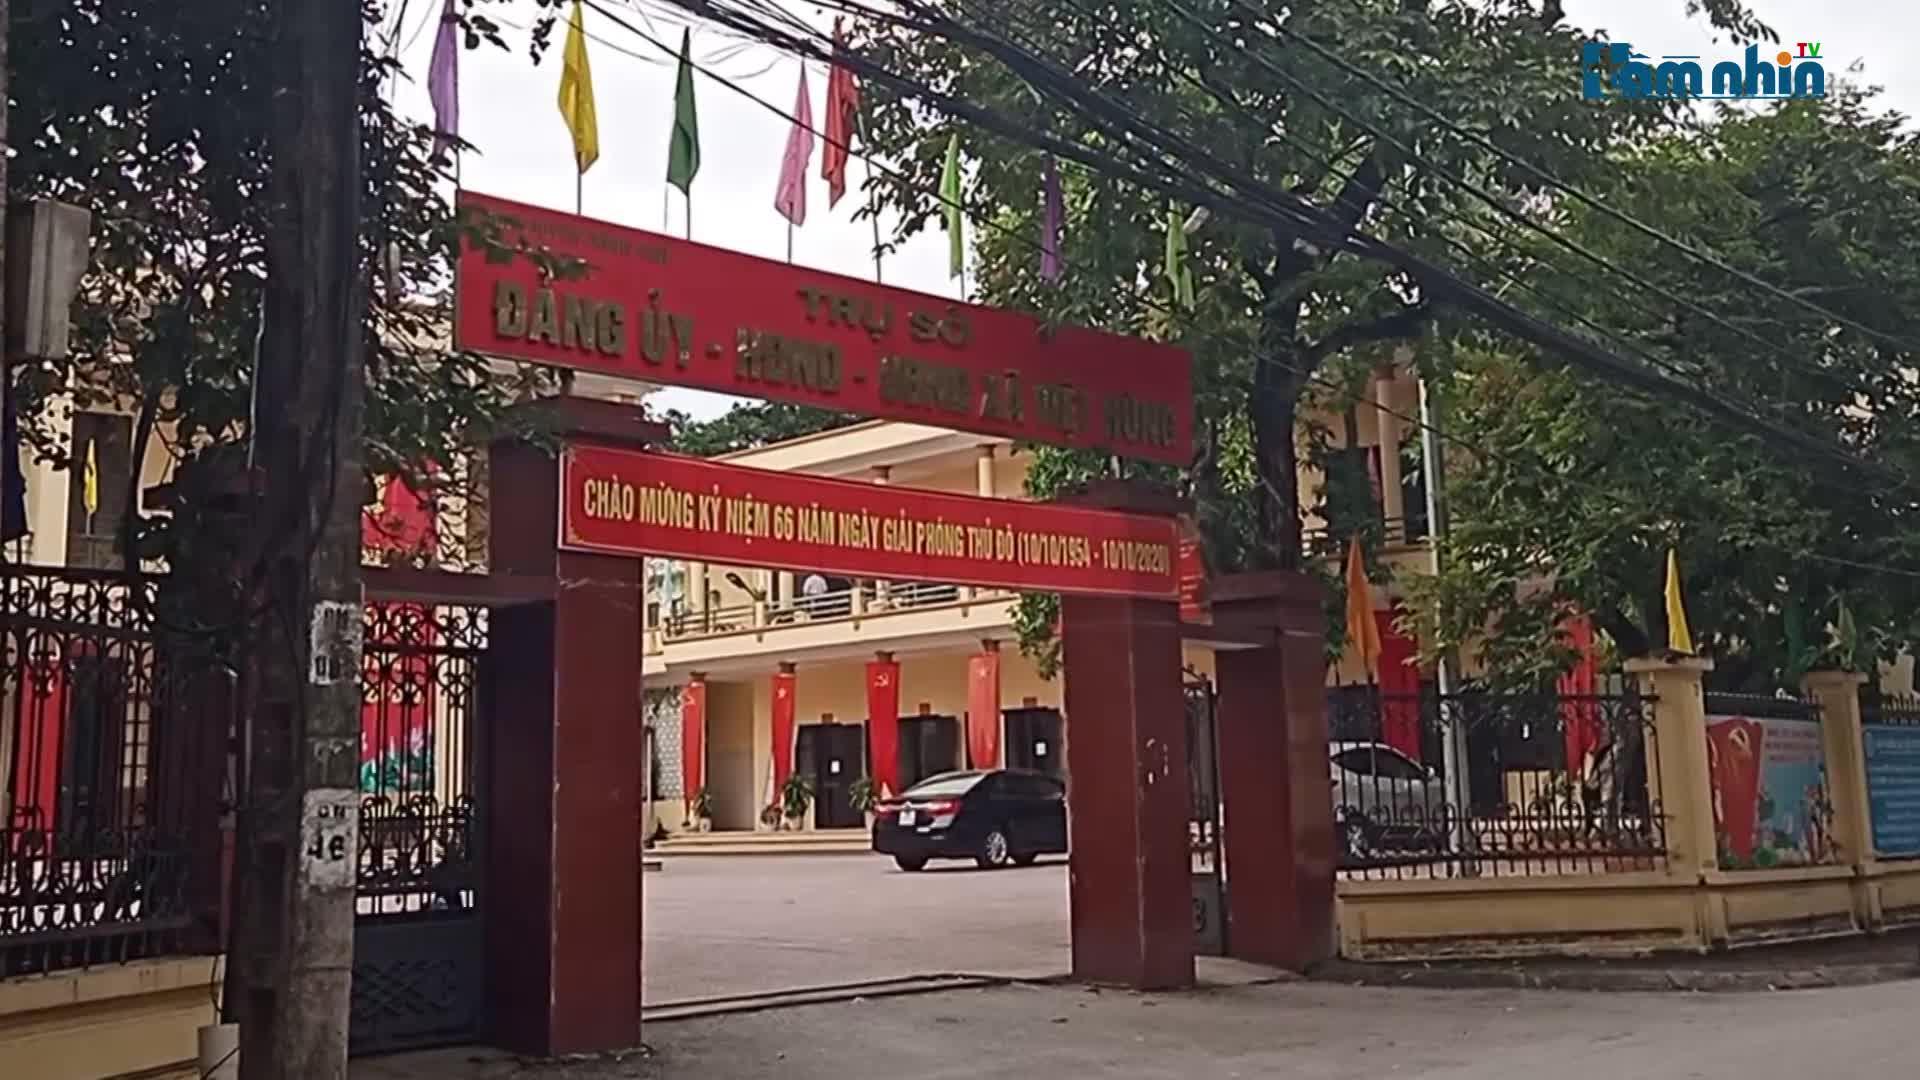 Đông Anh, Hà Nội: UBND xã Việt Hùng khắc phục xử lý ngay tình trạng đổ thải sau phản ánh của báo chí